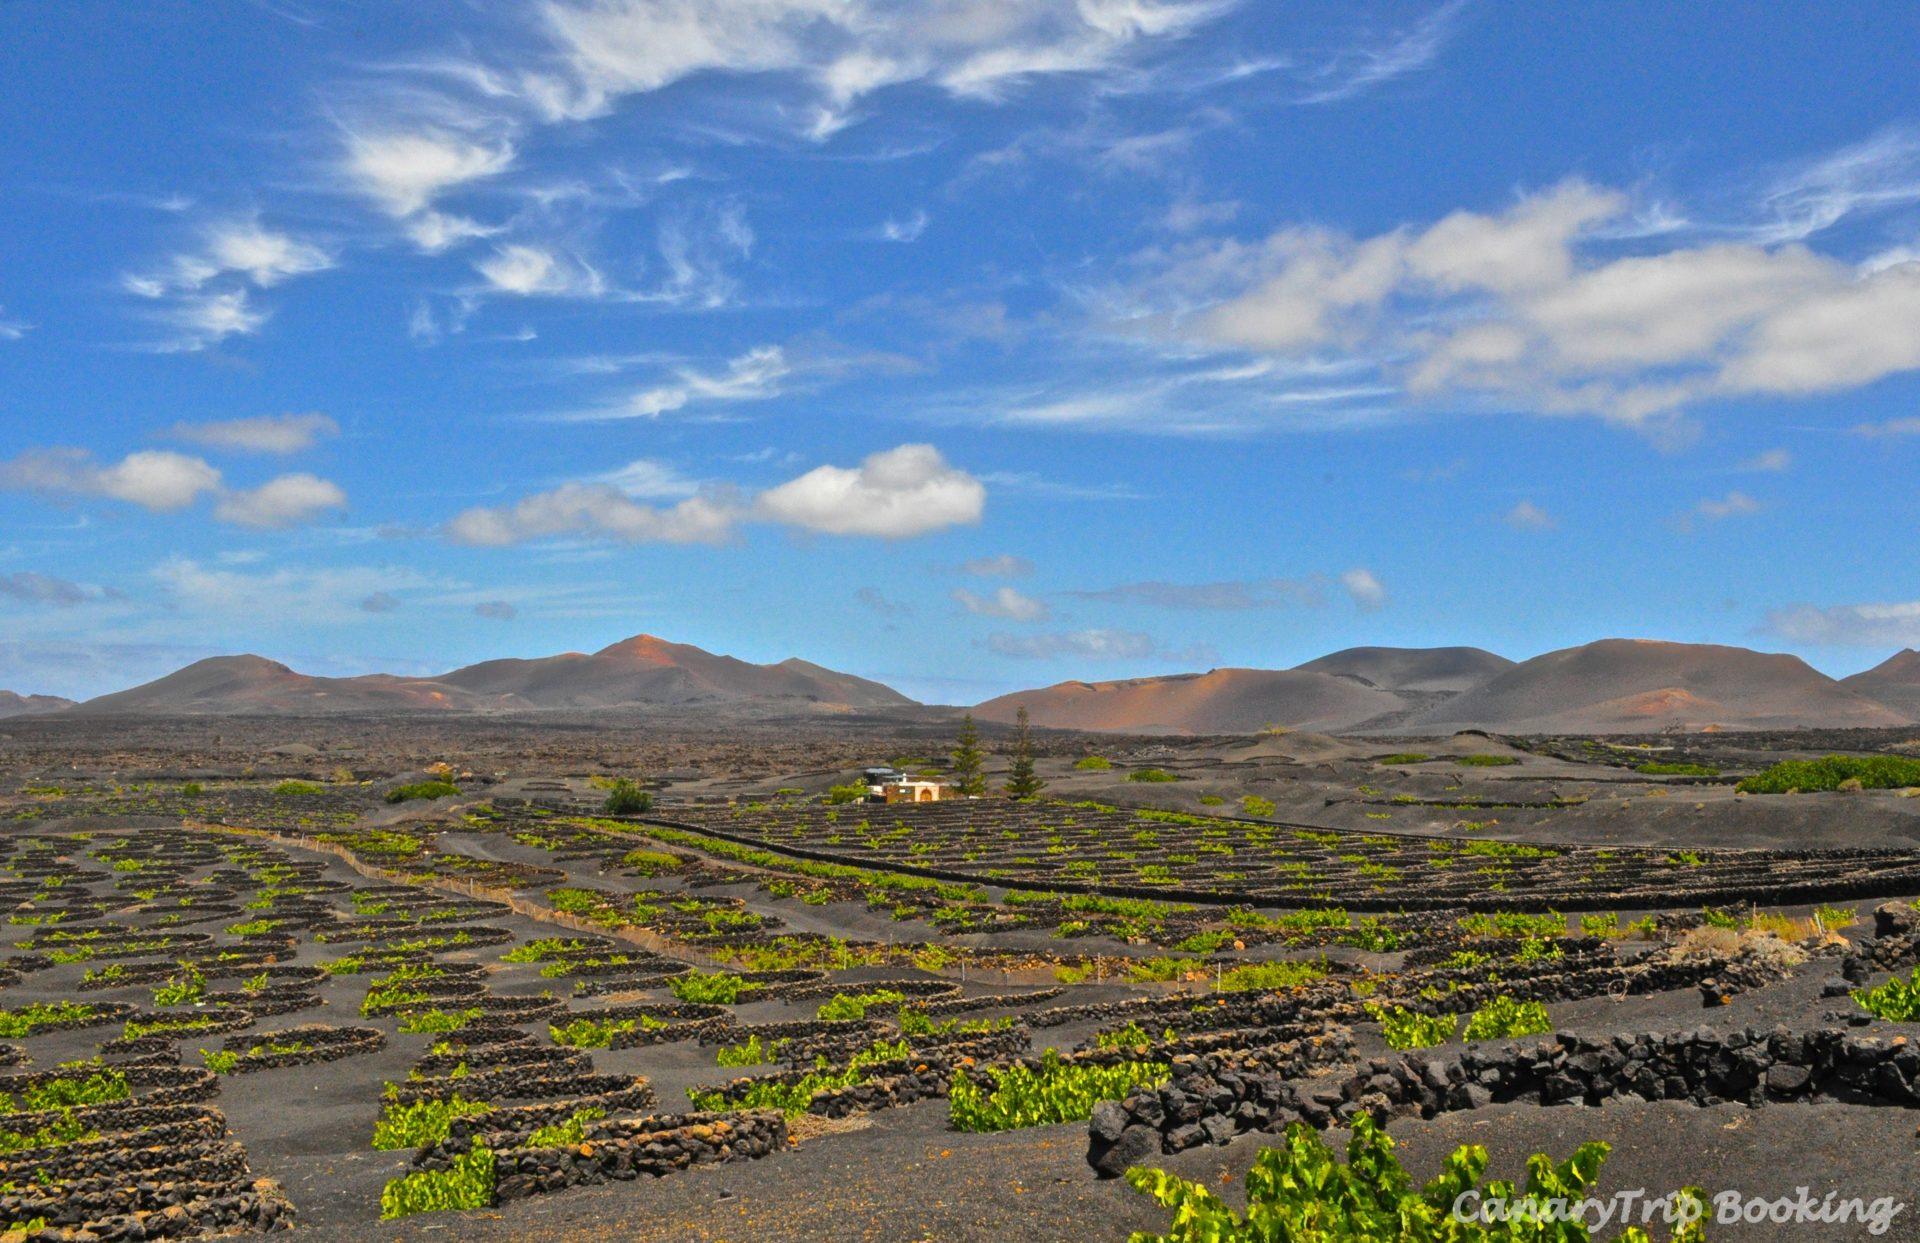 viñedos-la-geria-lanzarote-volcanes-canary-trip-booking